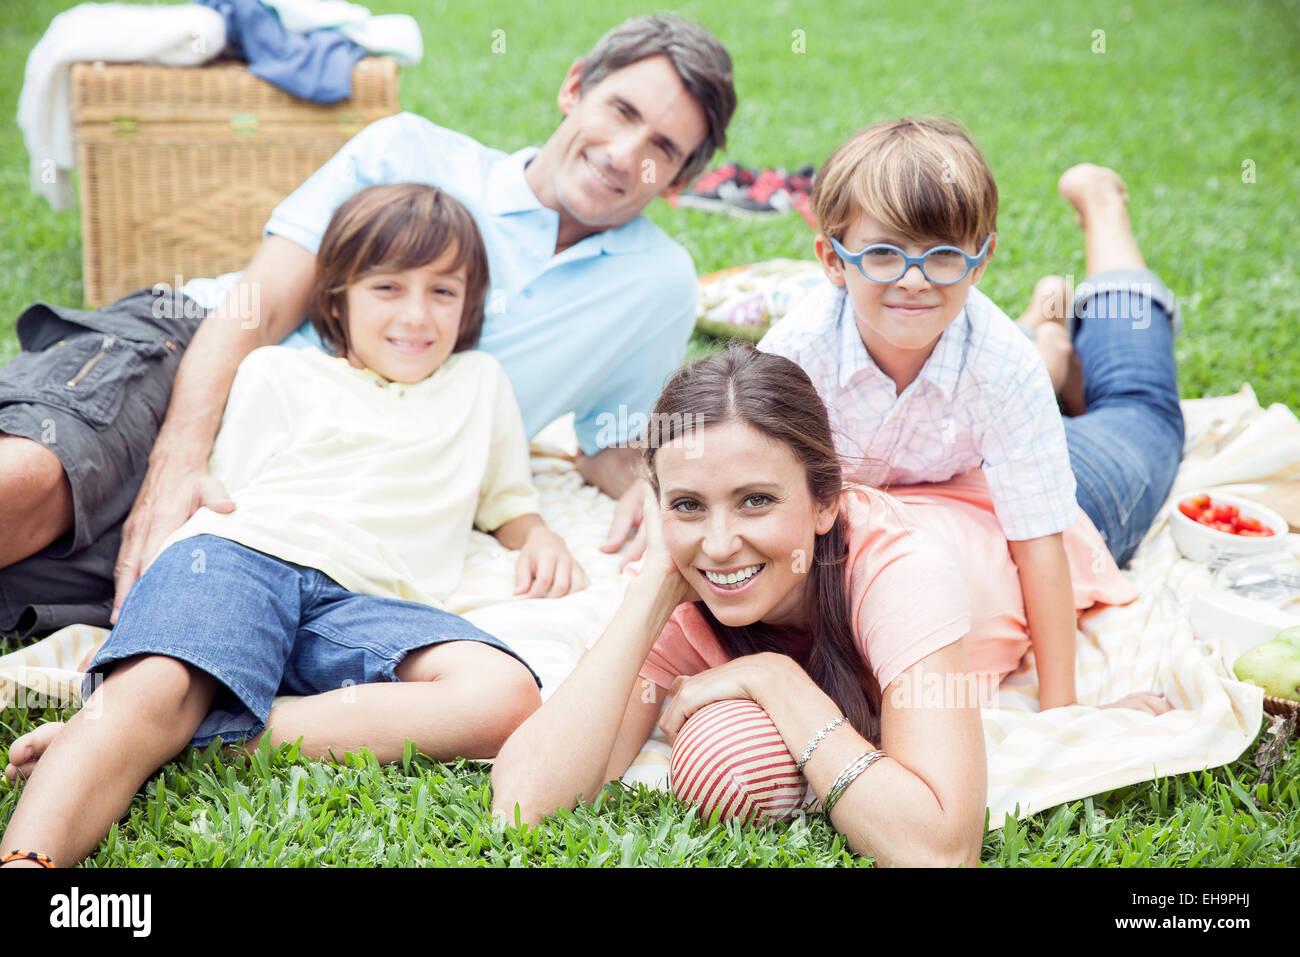 Familia relajante después de almuerzo picnic en el parque Imagen De Stock